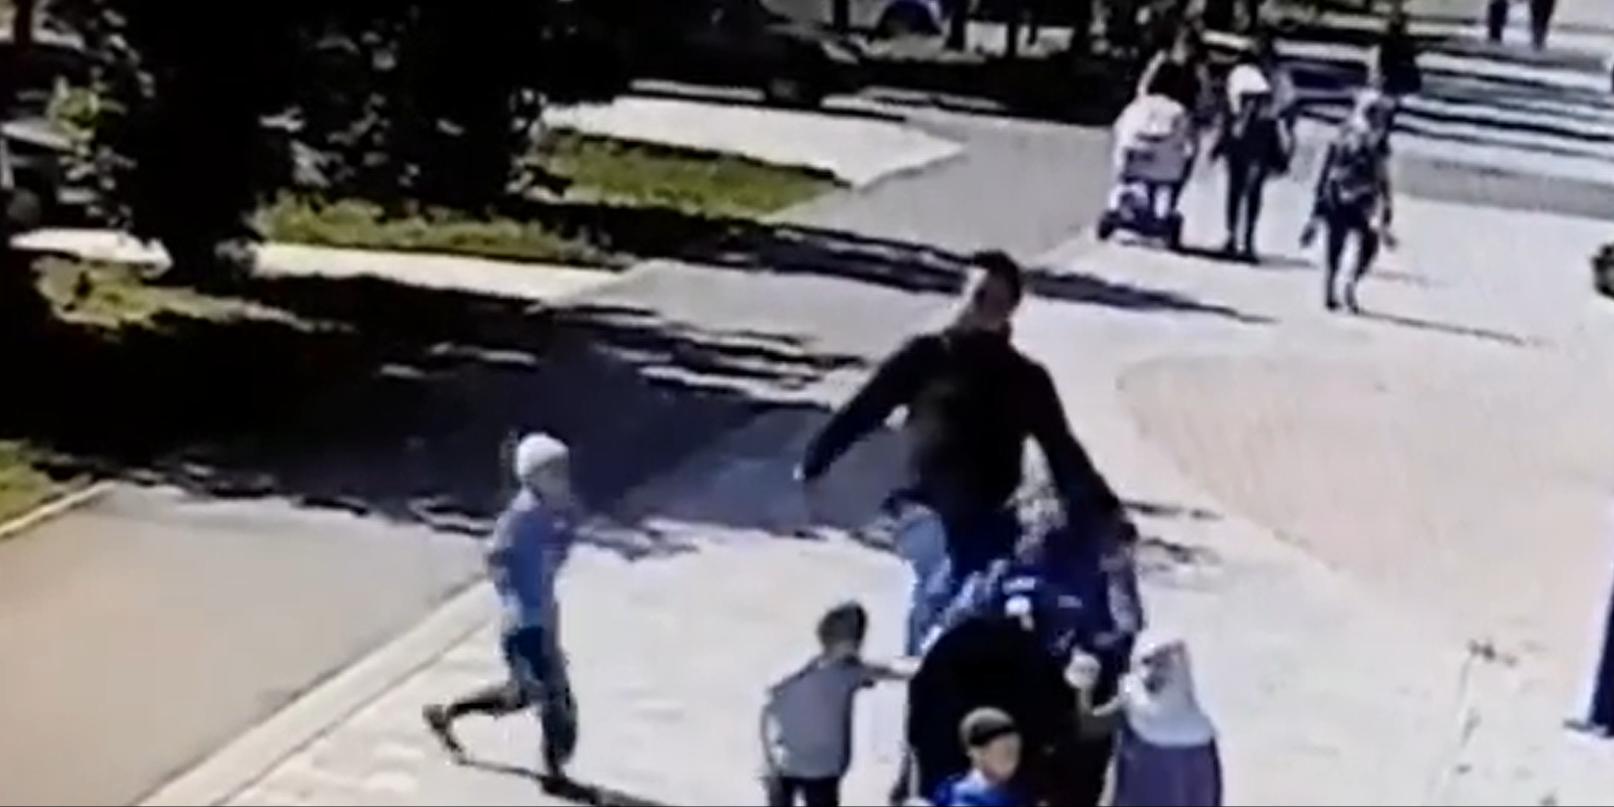 На отпущенного домой после серии нападений на женщин в Нижкекамске мужчину завели уголовное дело